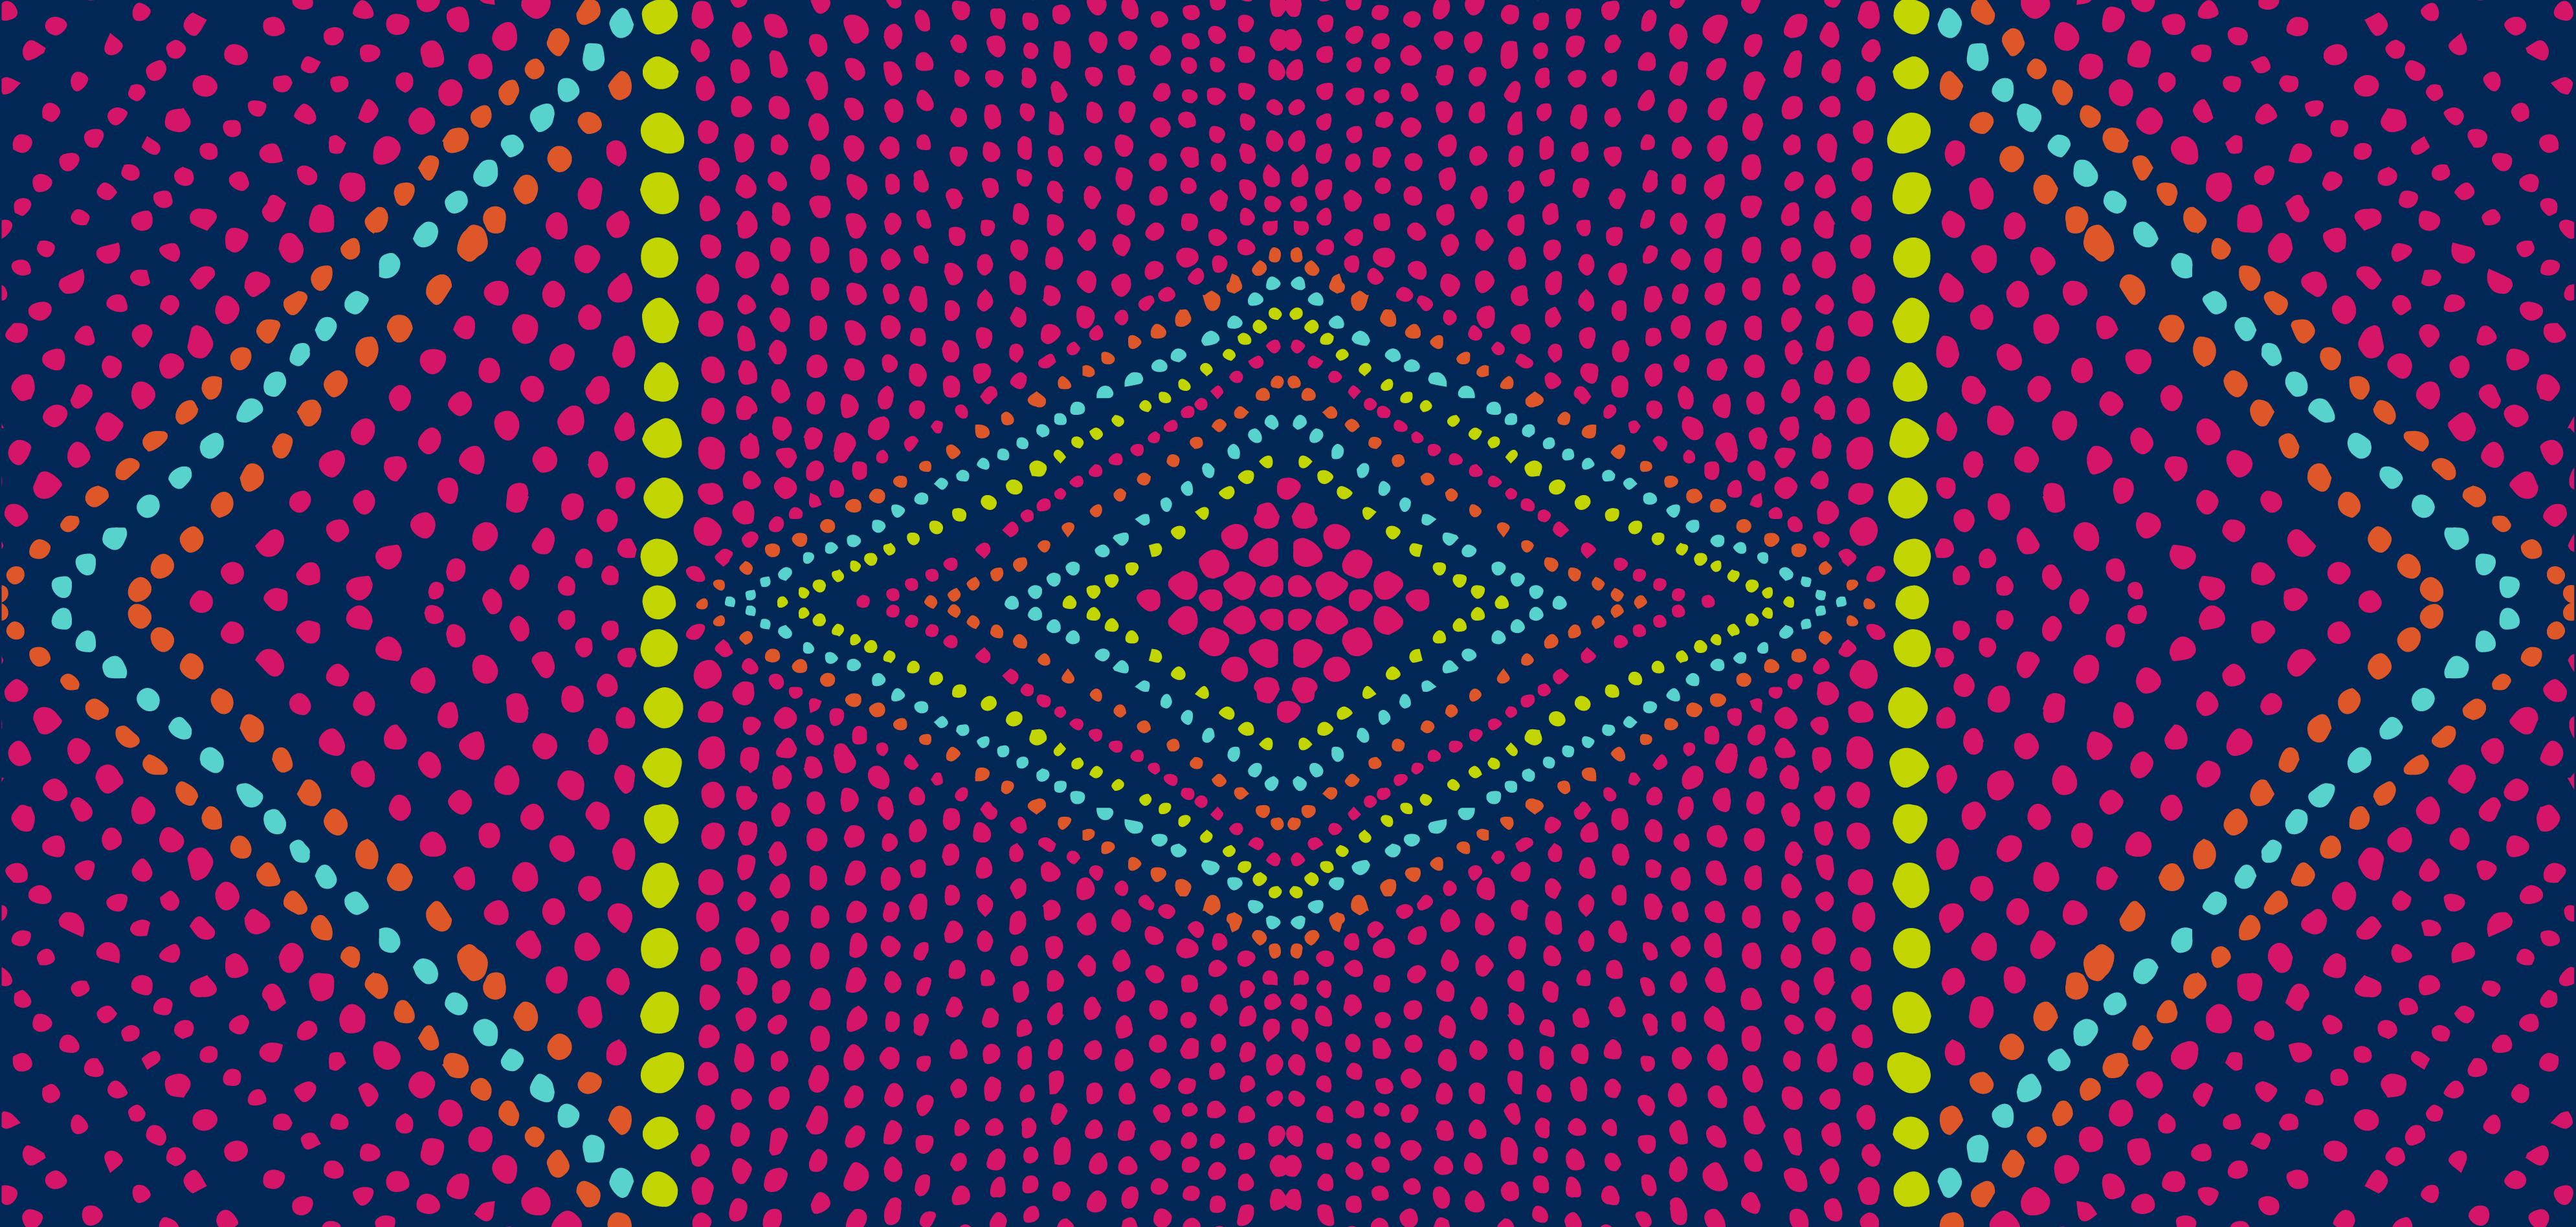 WIP17_pattern_02-01